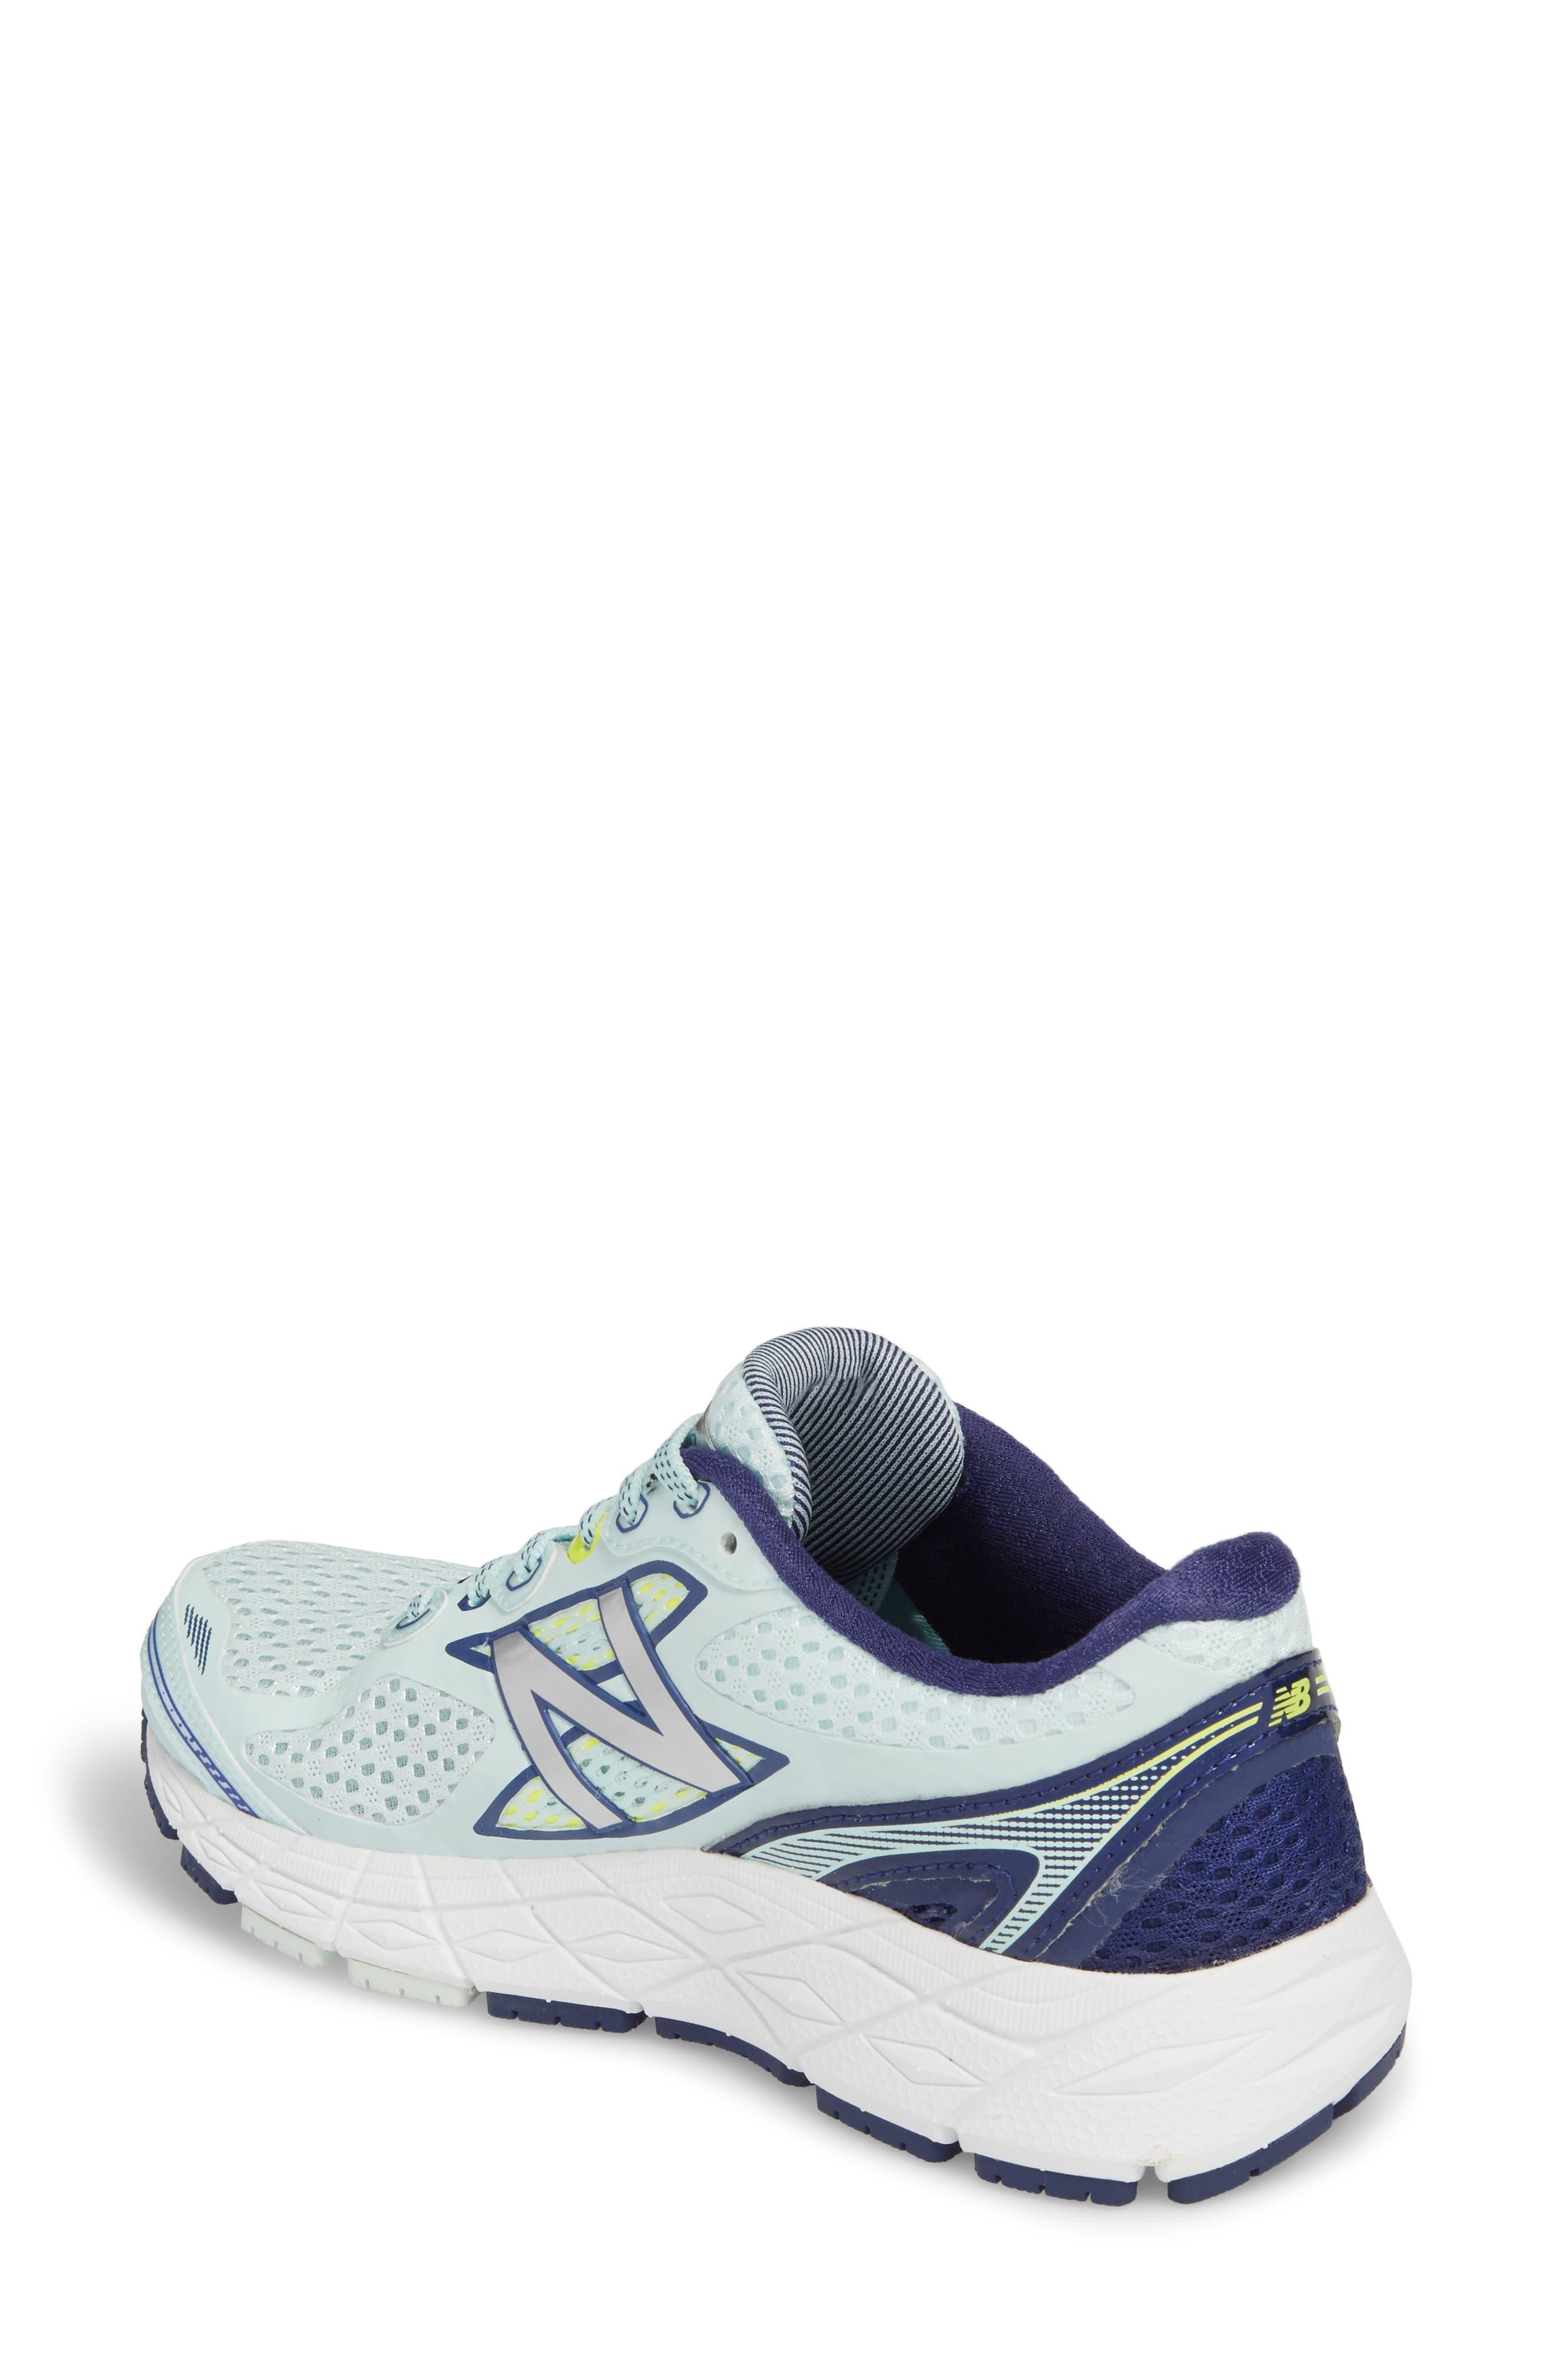 '840v3' Running Shoe,                             Alternate thumbnail 2, color,                             487